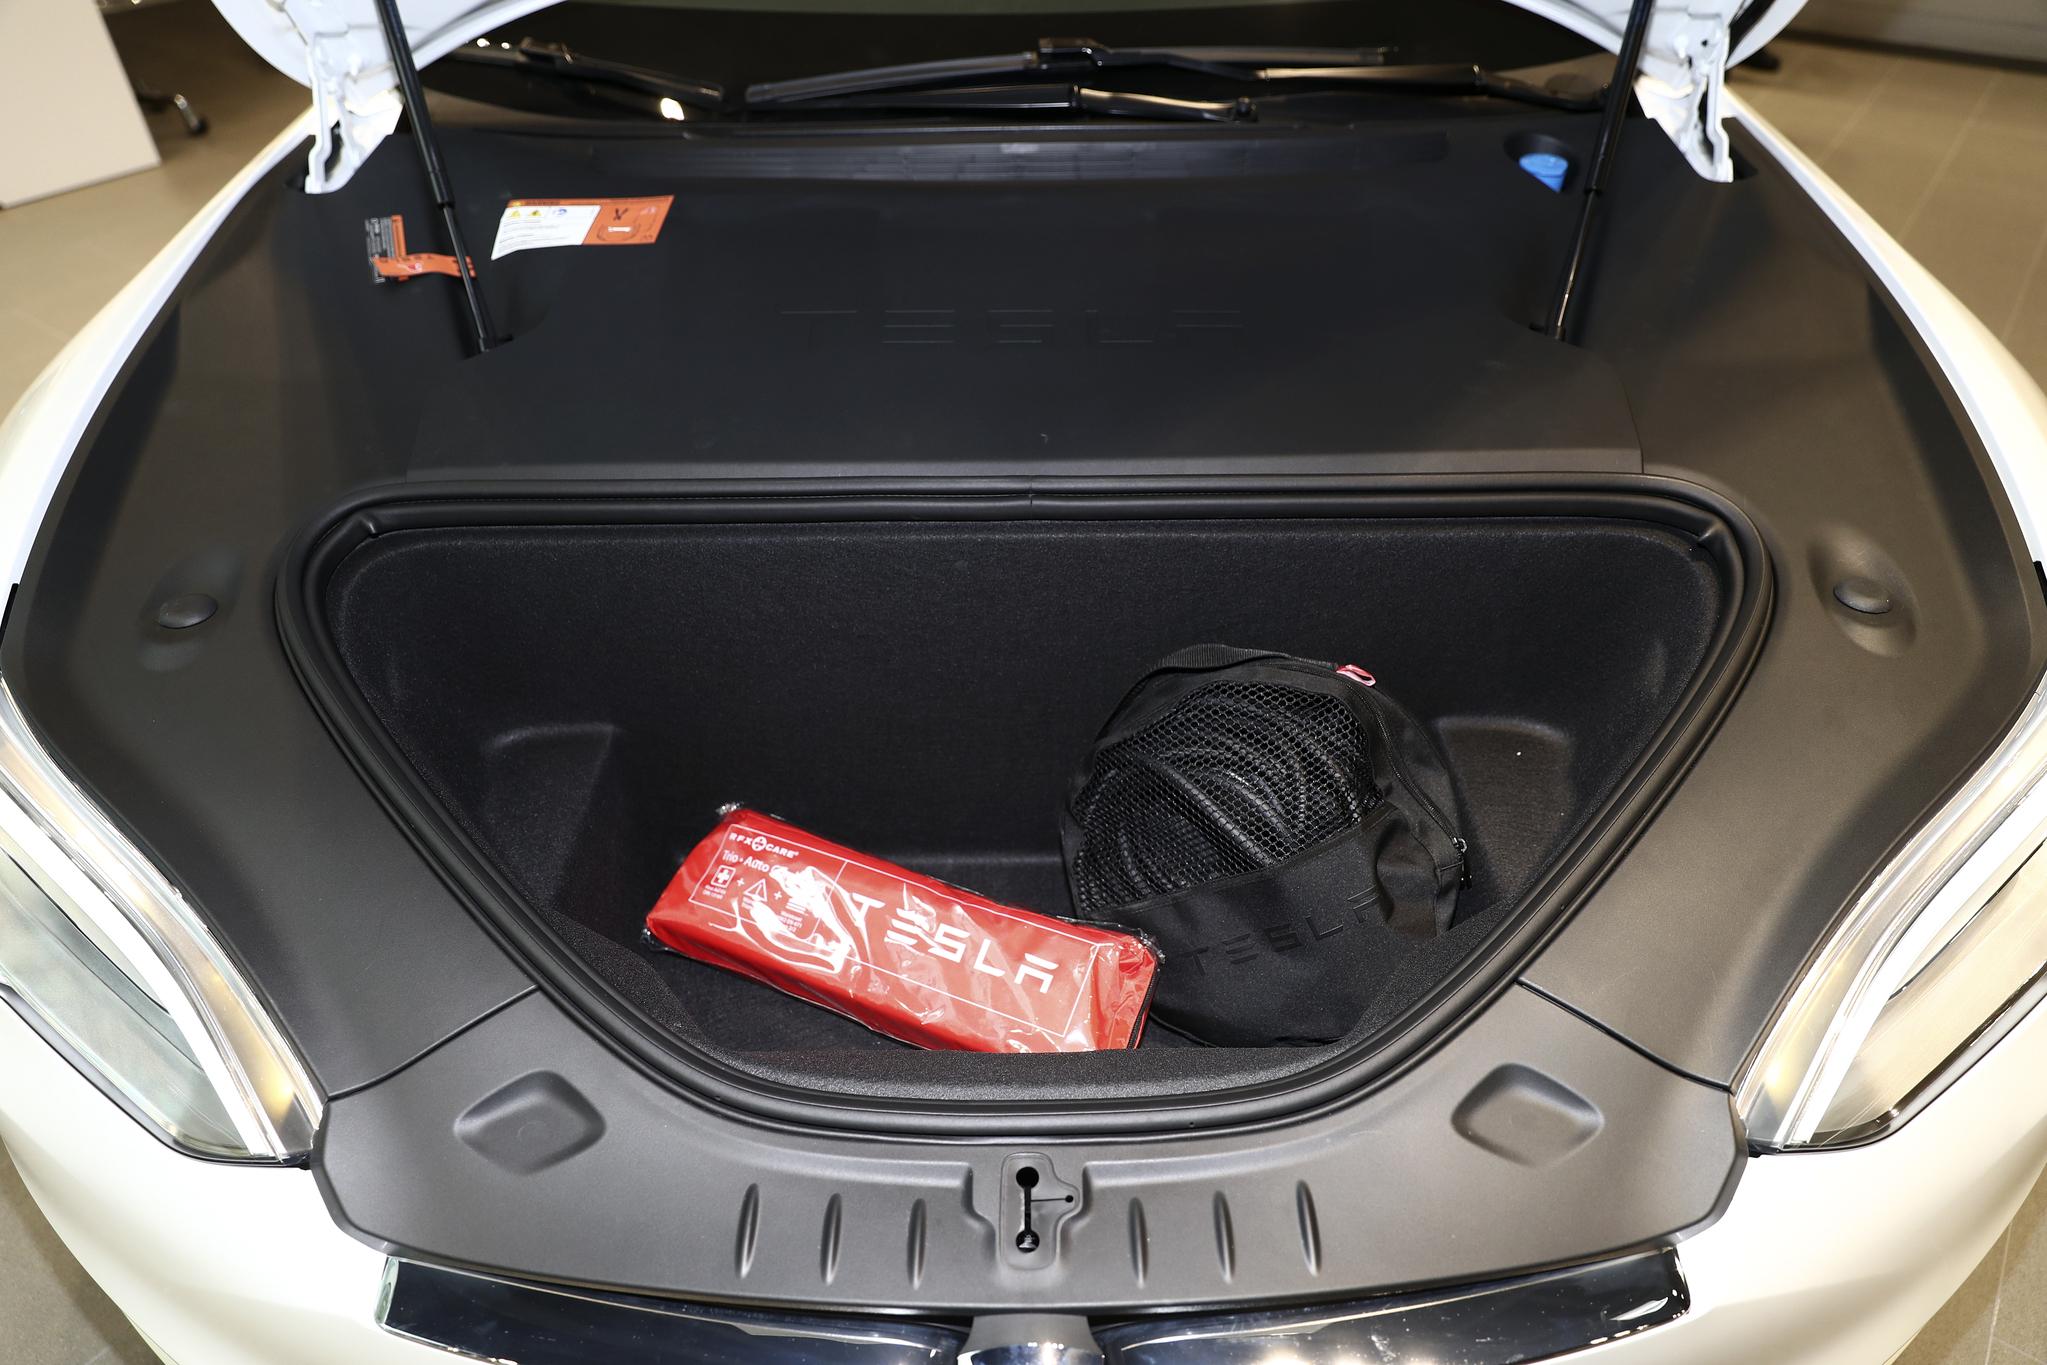 테슬라 모델 S 90D의 앞 트렁크(?). 후드를 열면 엔진 대신 짐을 넣을 수 있는 공간이 나온다./20170328/김현동 기자